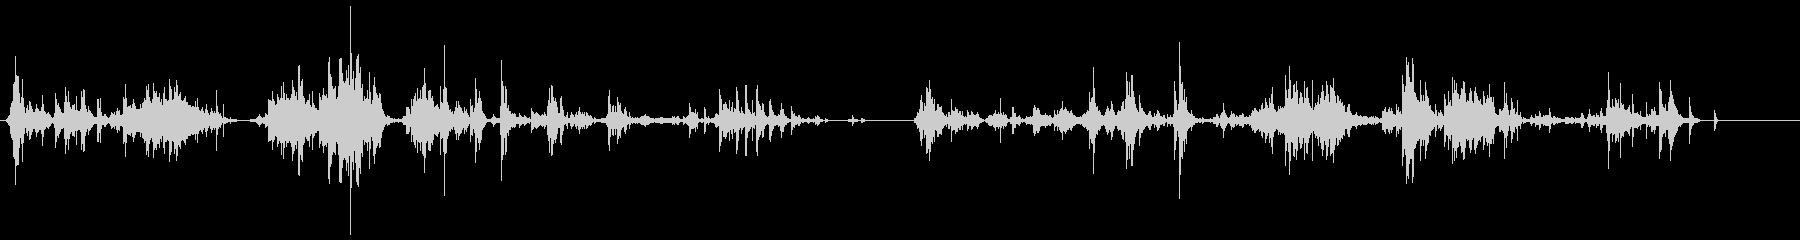 スイーピングスモールセラミックデブ...の未再生の波形